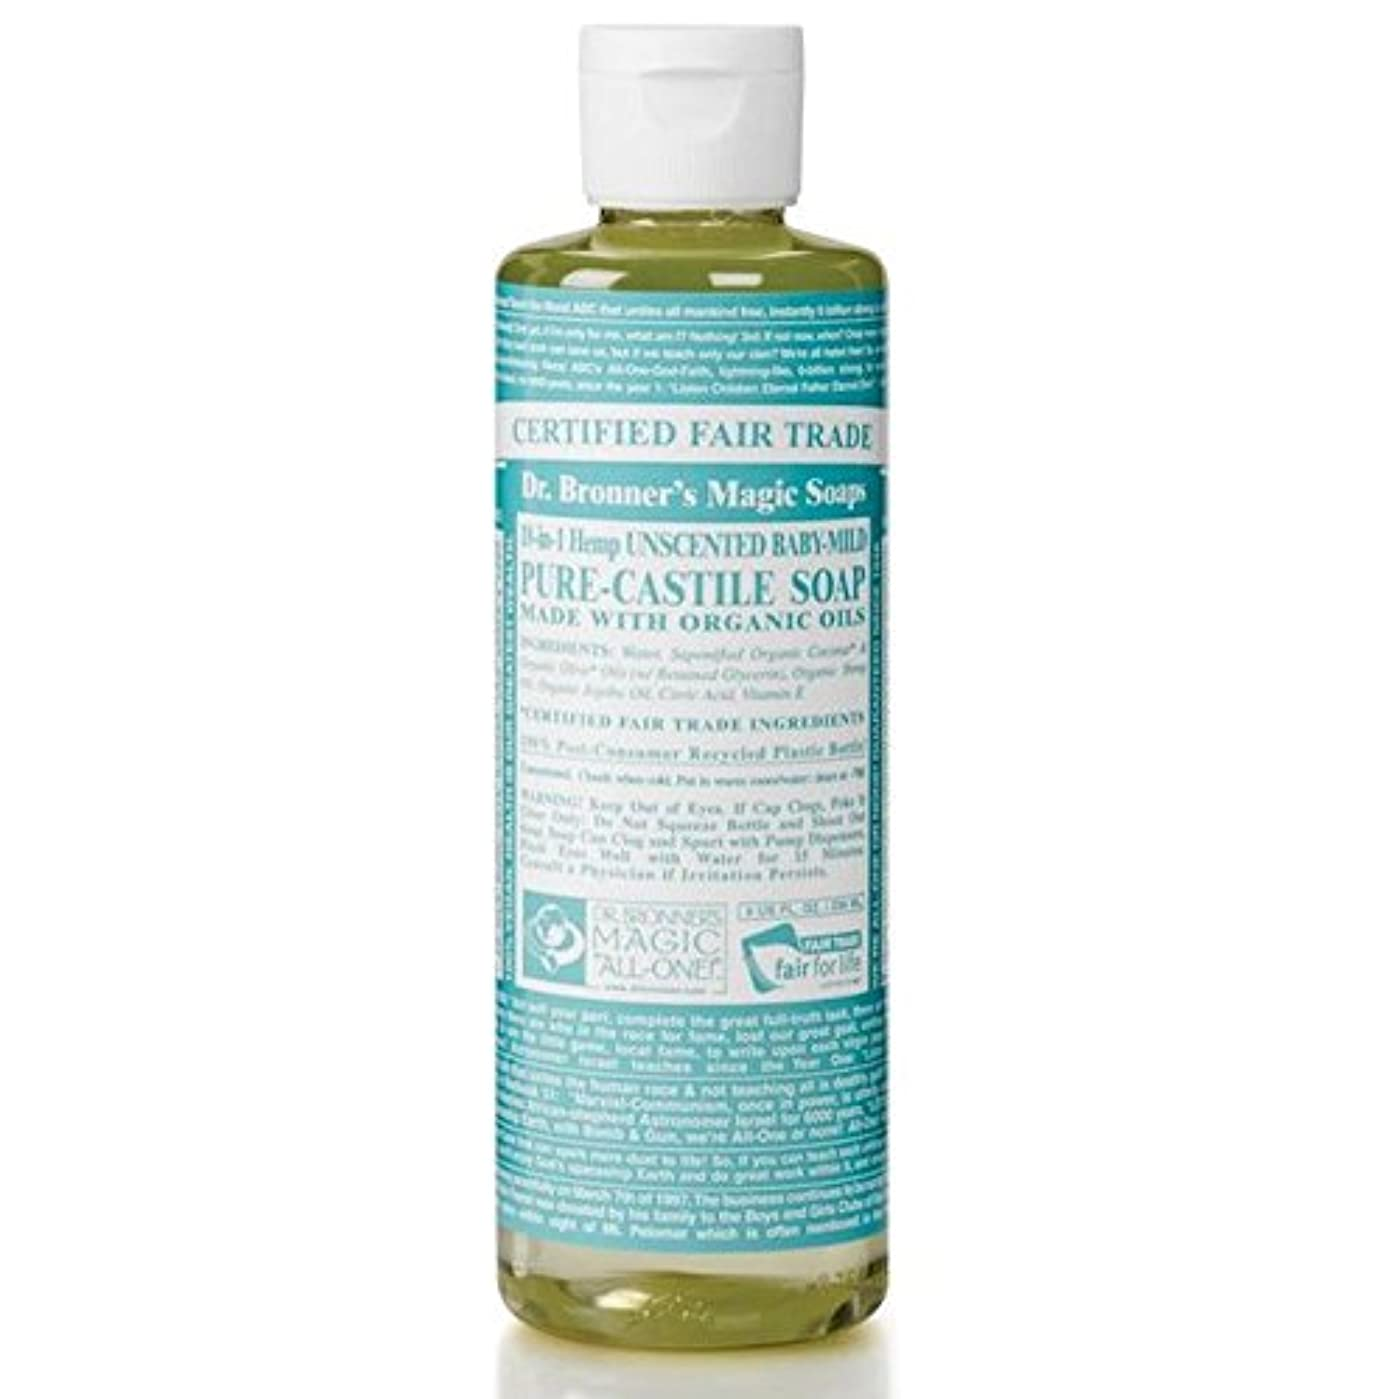 汚れた豊富な弾丸のブロナーオーガニックベビーマイルドなキャスト液体石鹸237ミリリットル x2 - Dr Bronner Organic Baby Mild Cast Liquid Soap 237ml (Pack of 2) [並行輸入品]